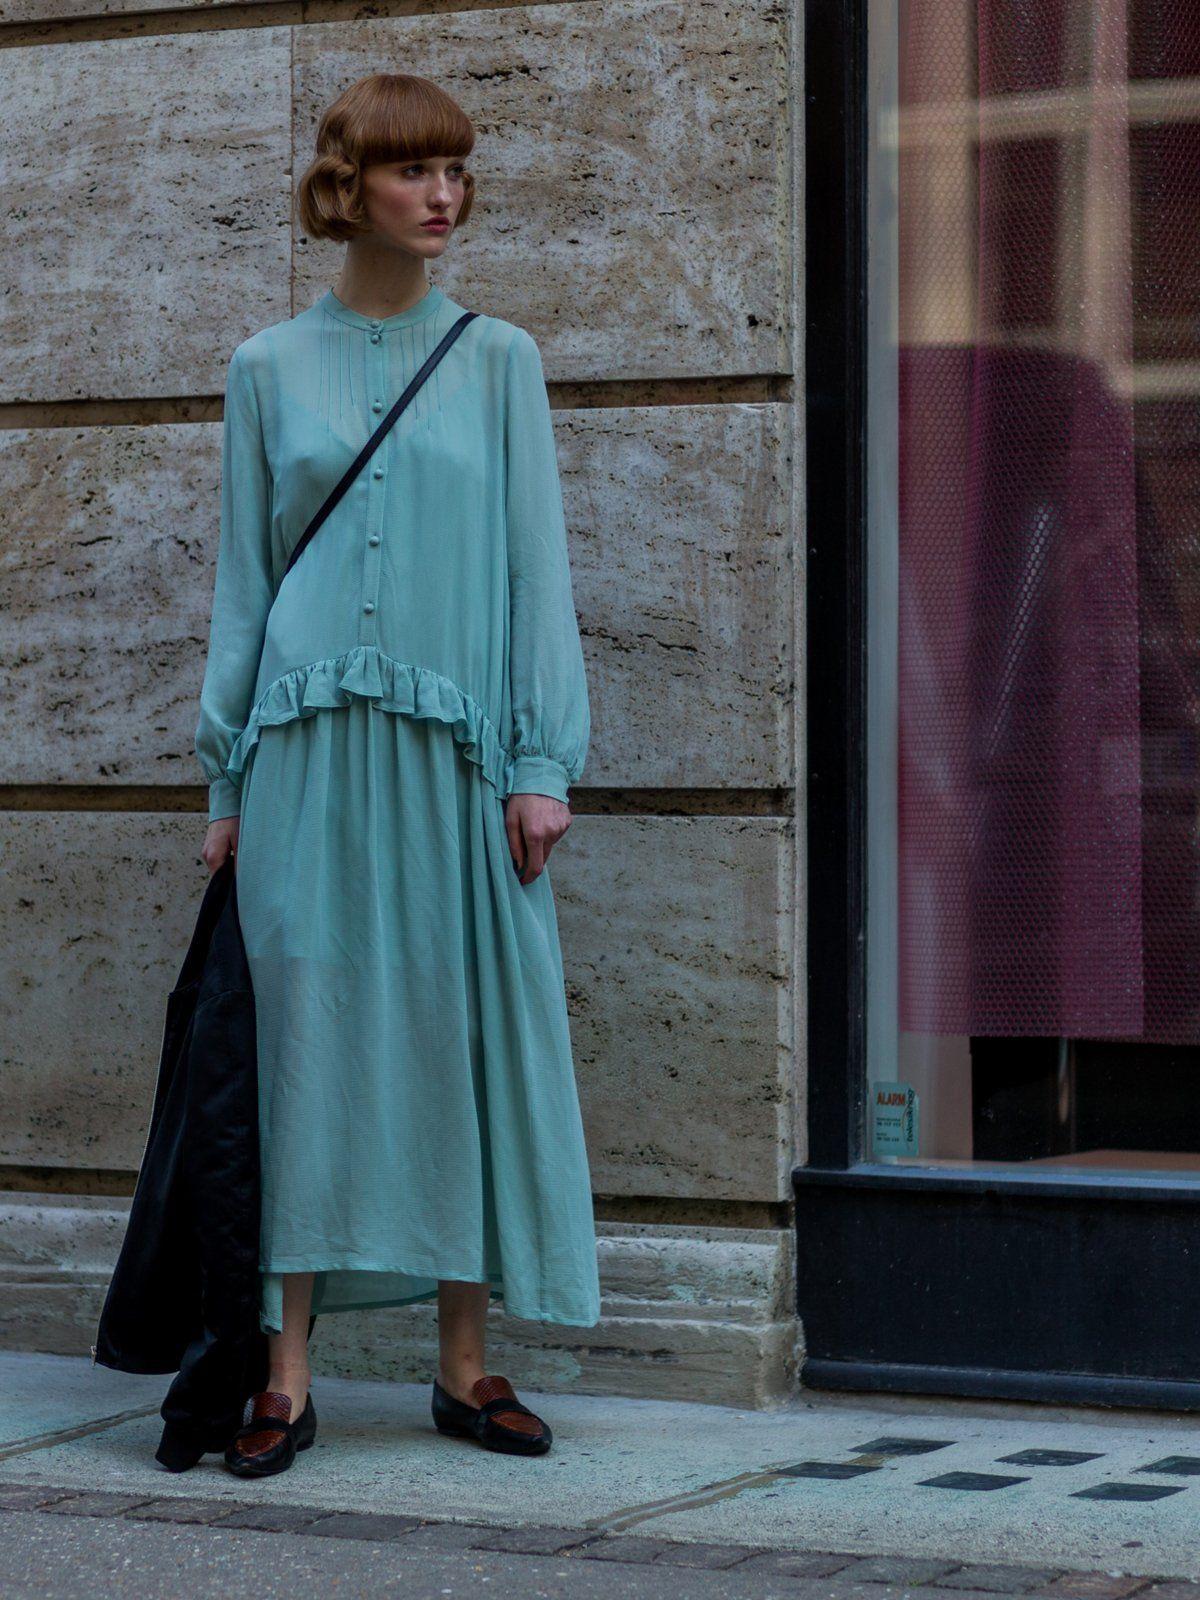 Sommerkleid mit langem Arm   Sommerkleid, Kleider, Fashion week